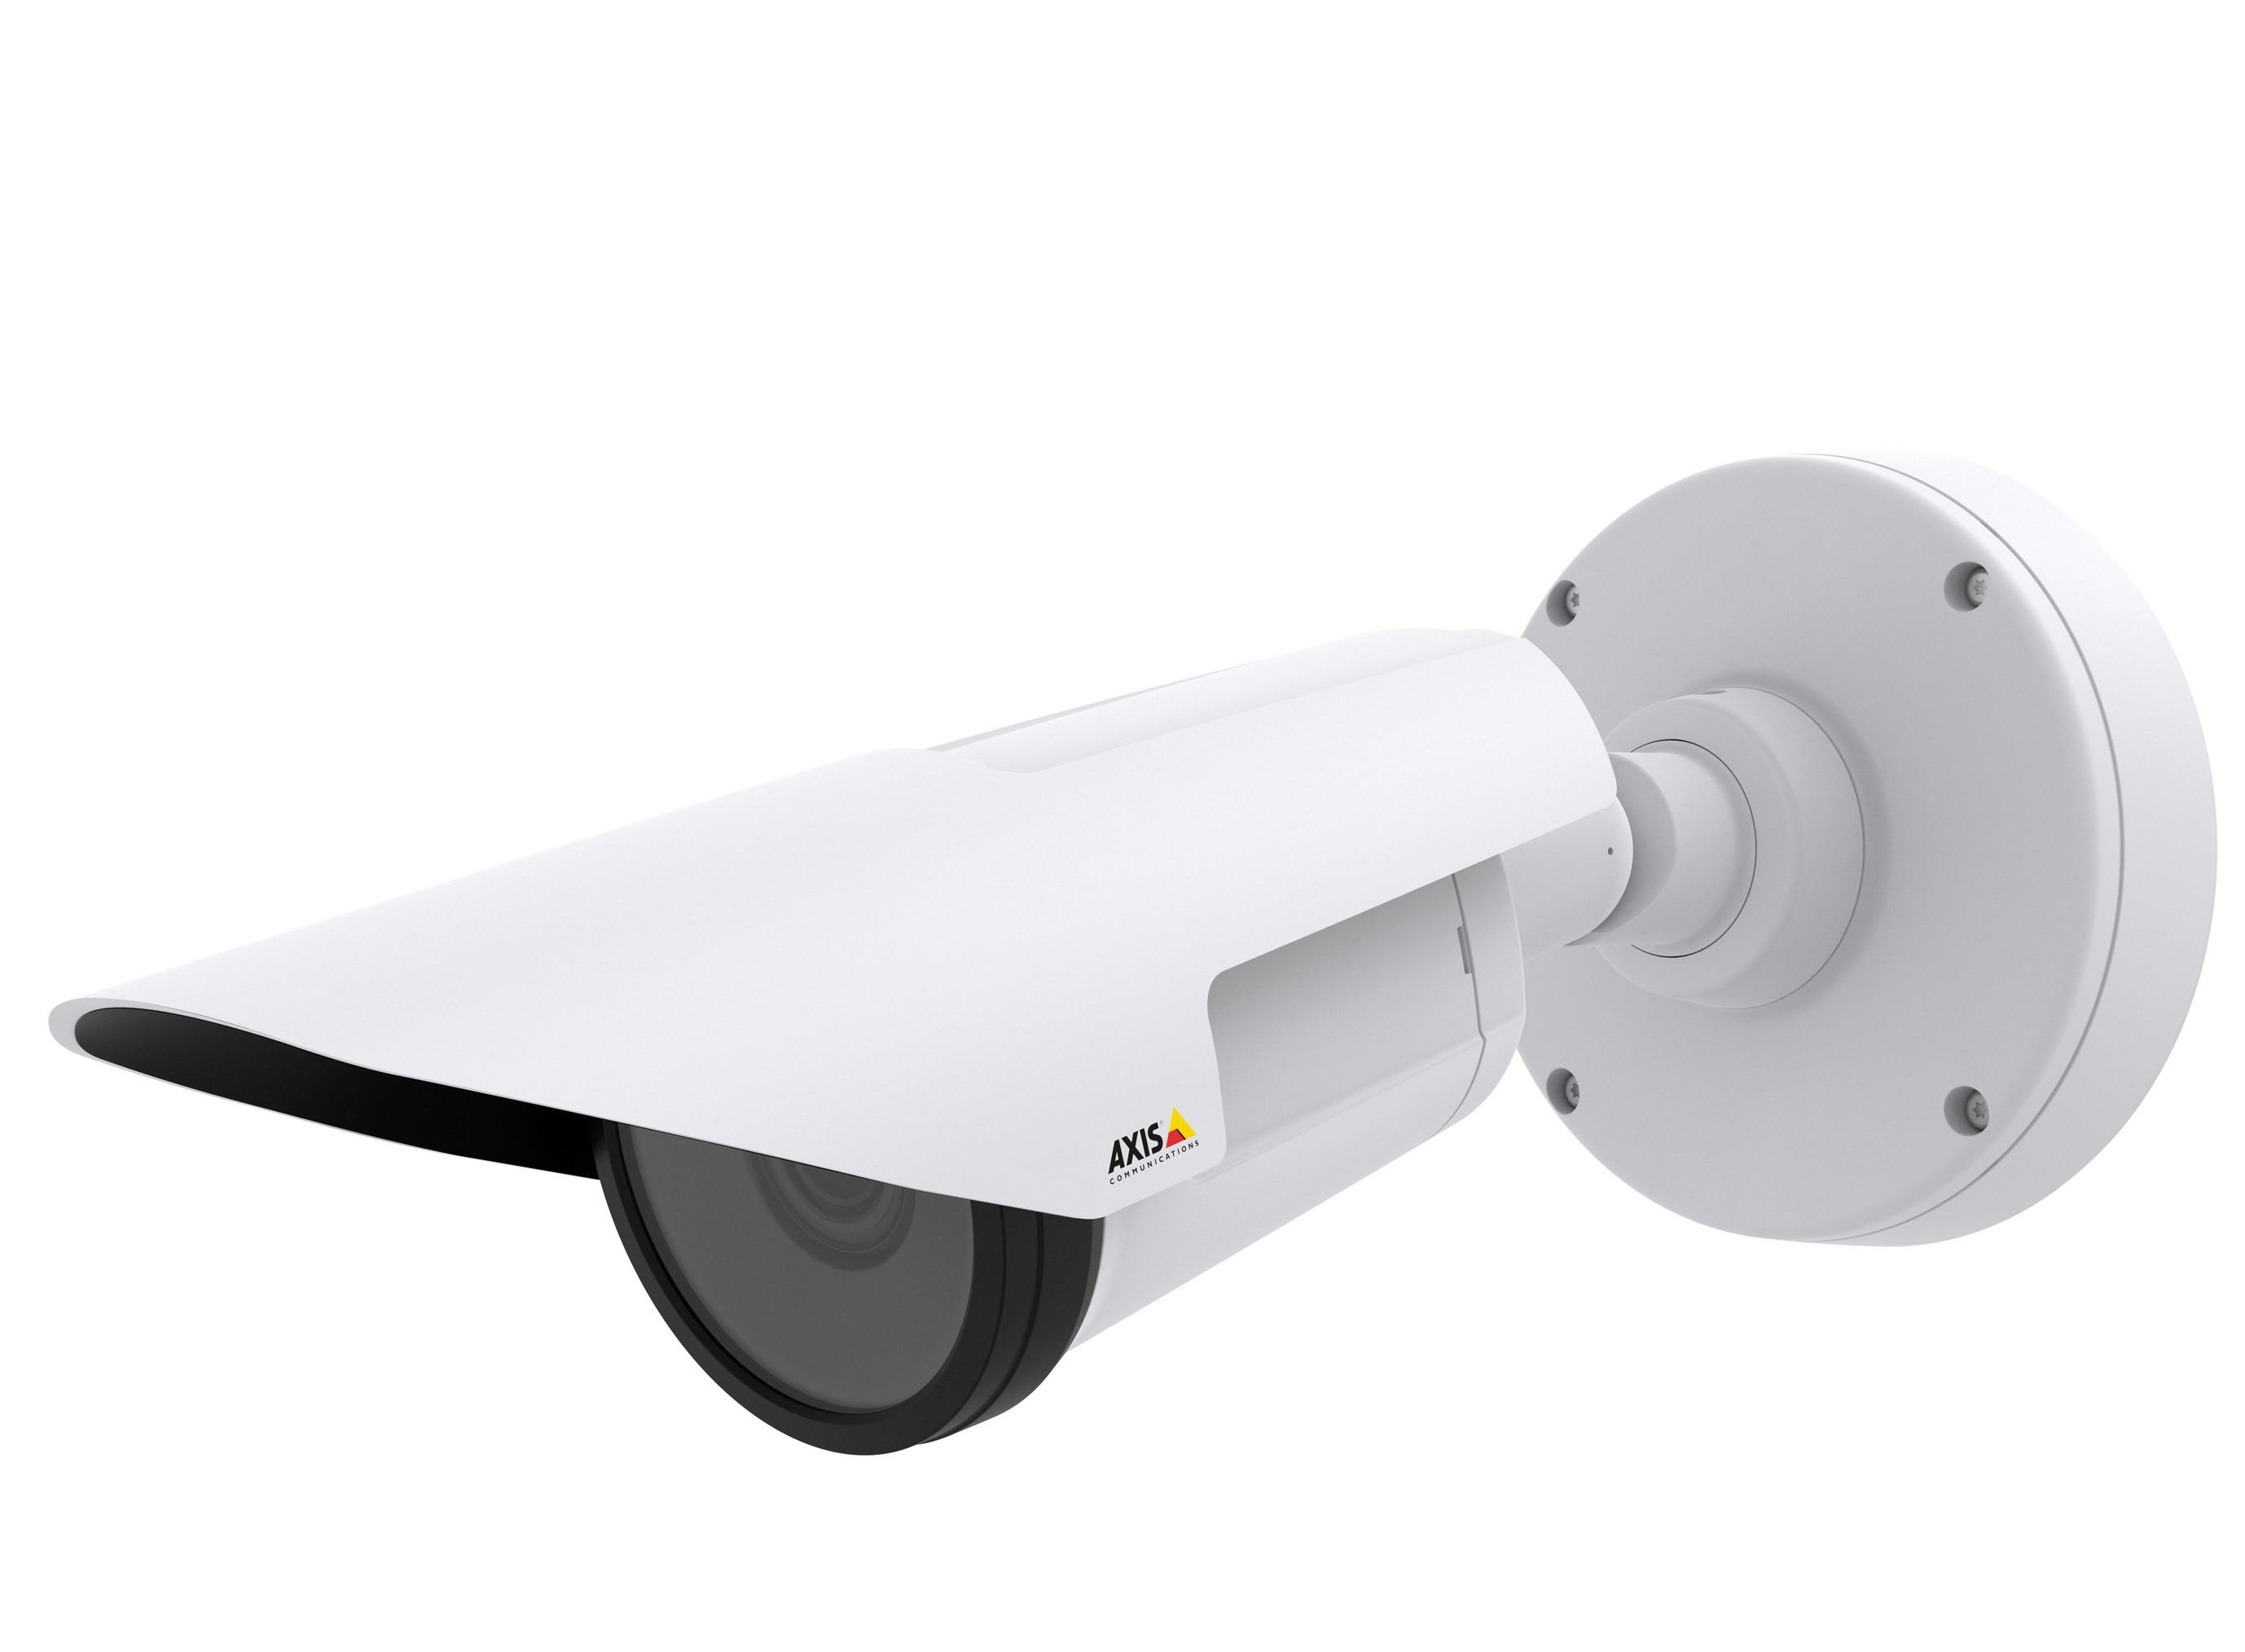 Axis lanseaza doua noi camere de retea care permit supravegherea in conditii dificile de iluminare